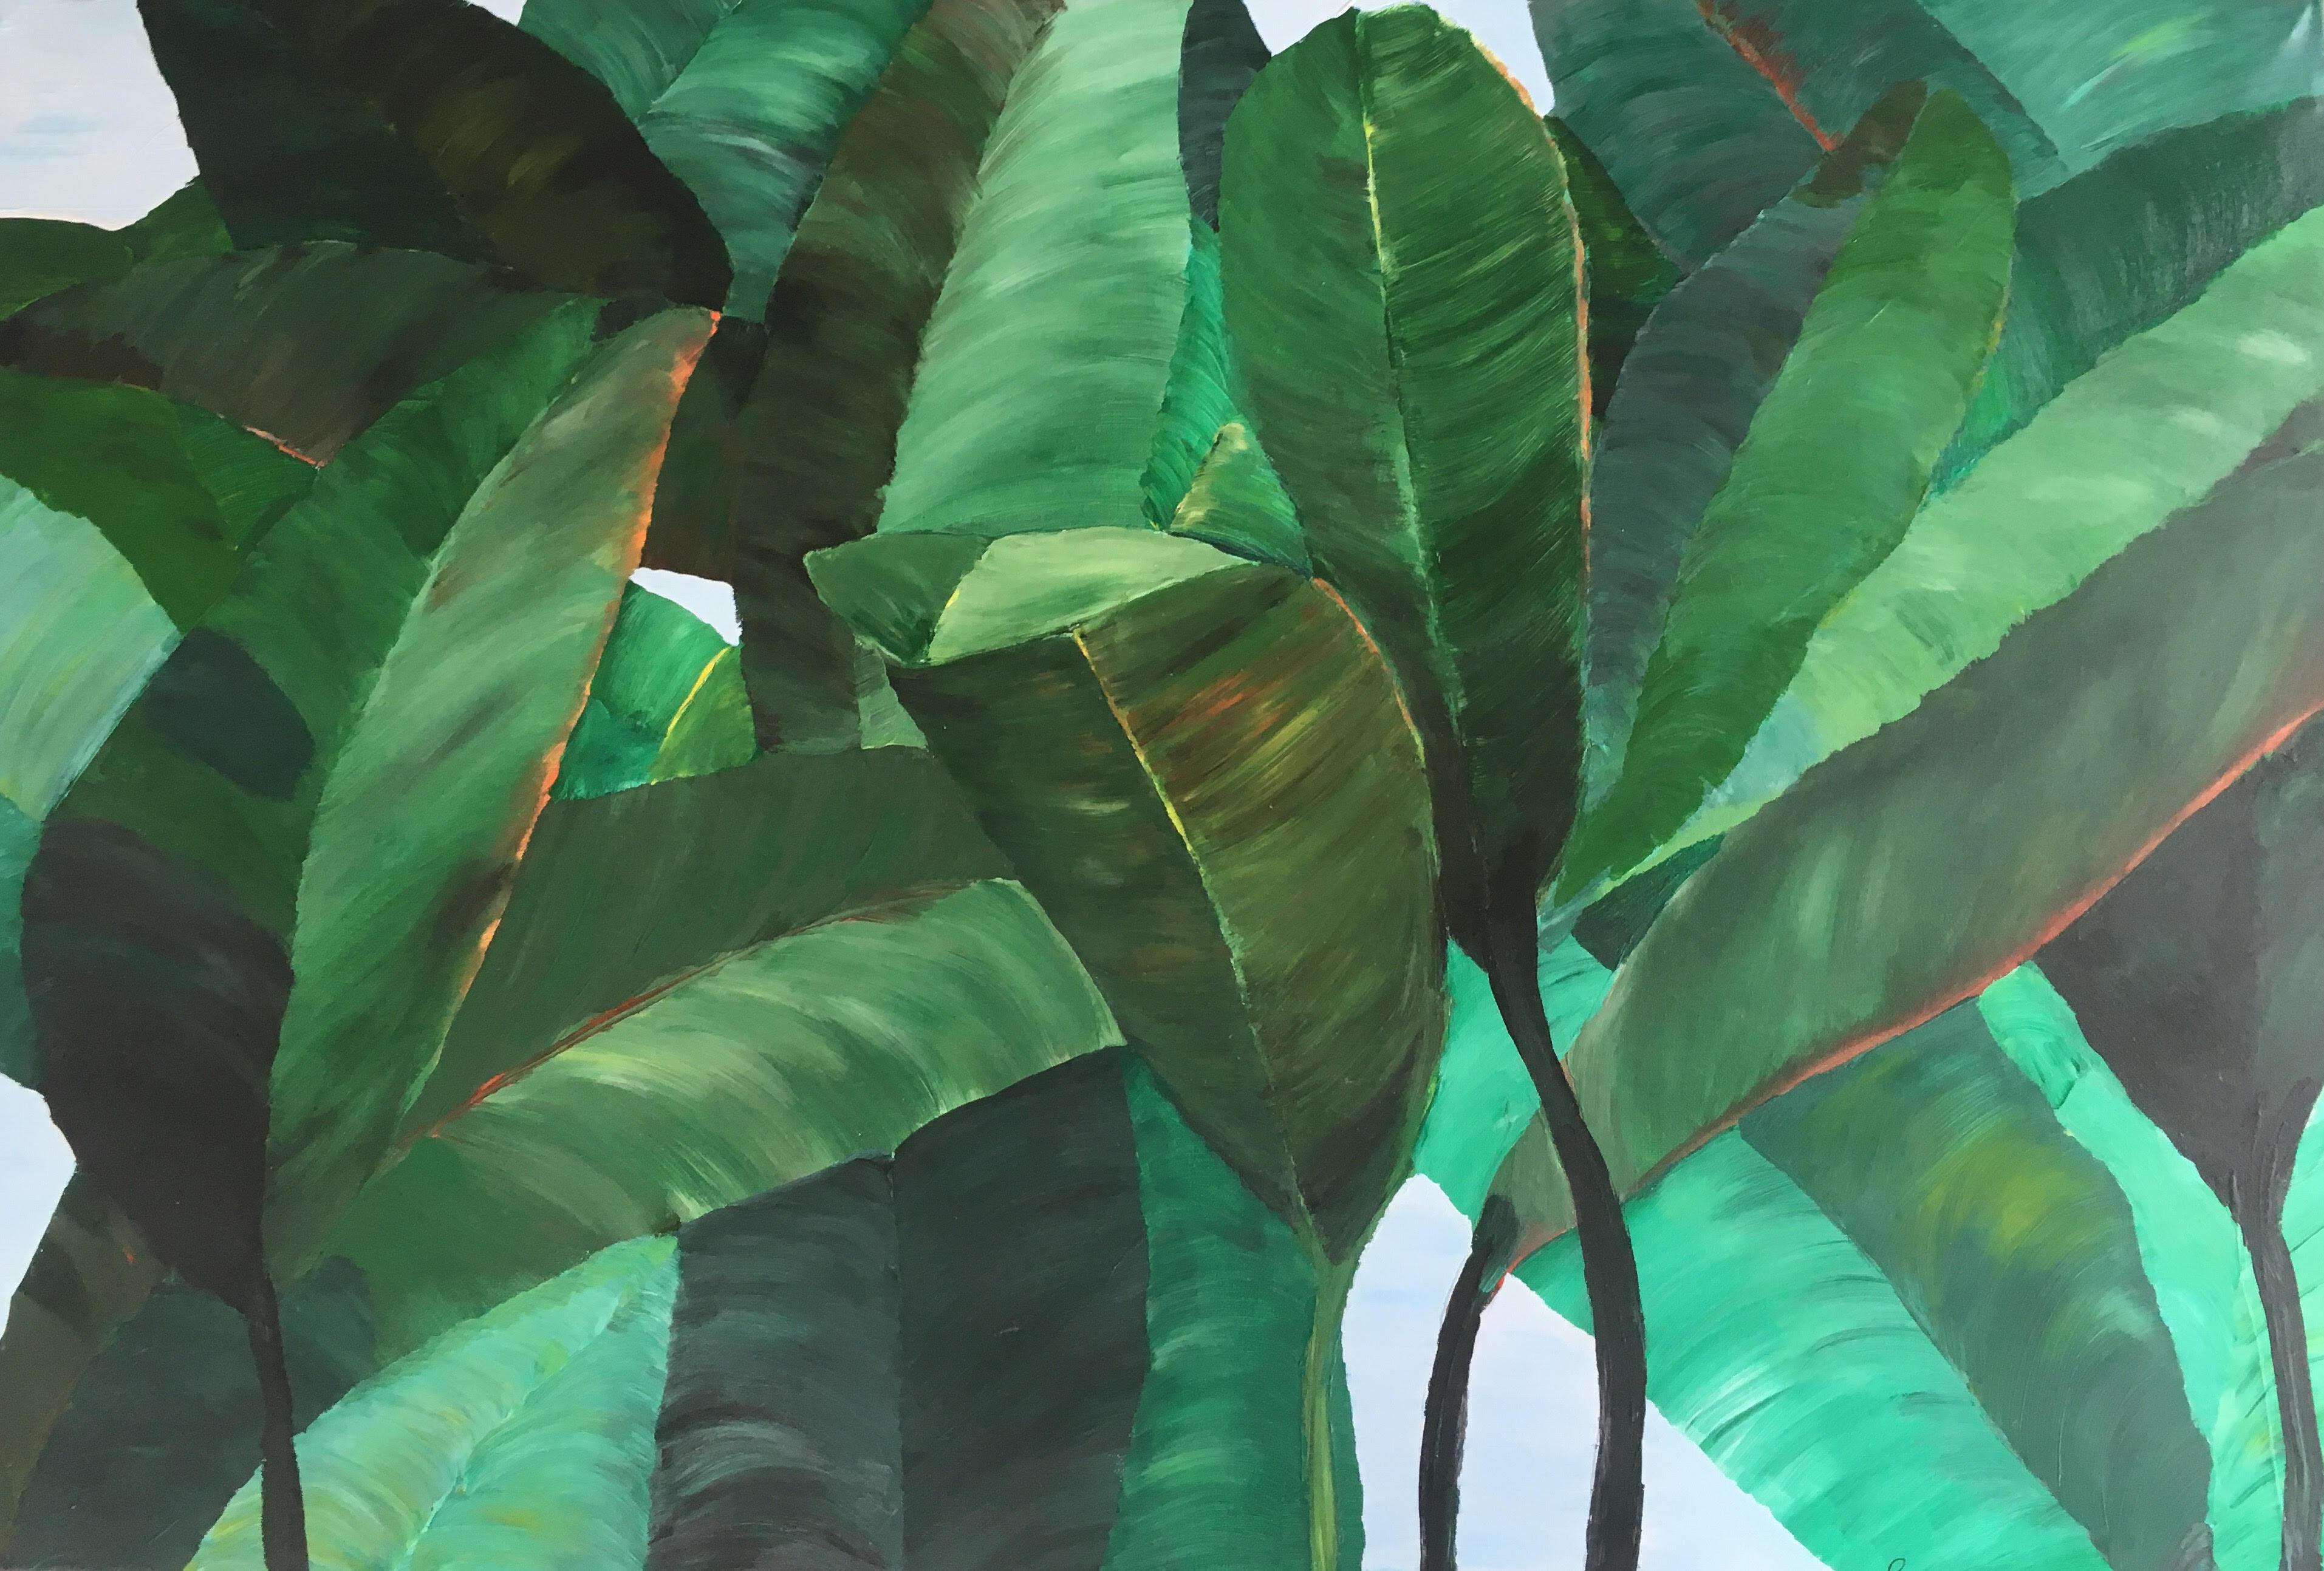 schilderije Bladerdak - lucia koster - 75x115